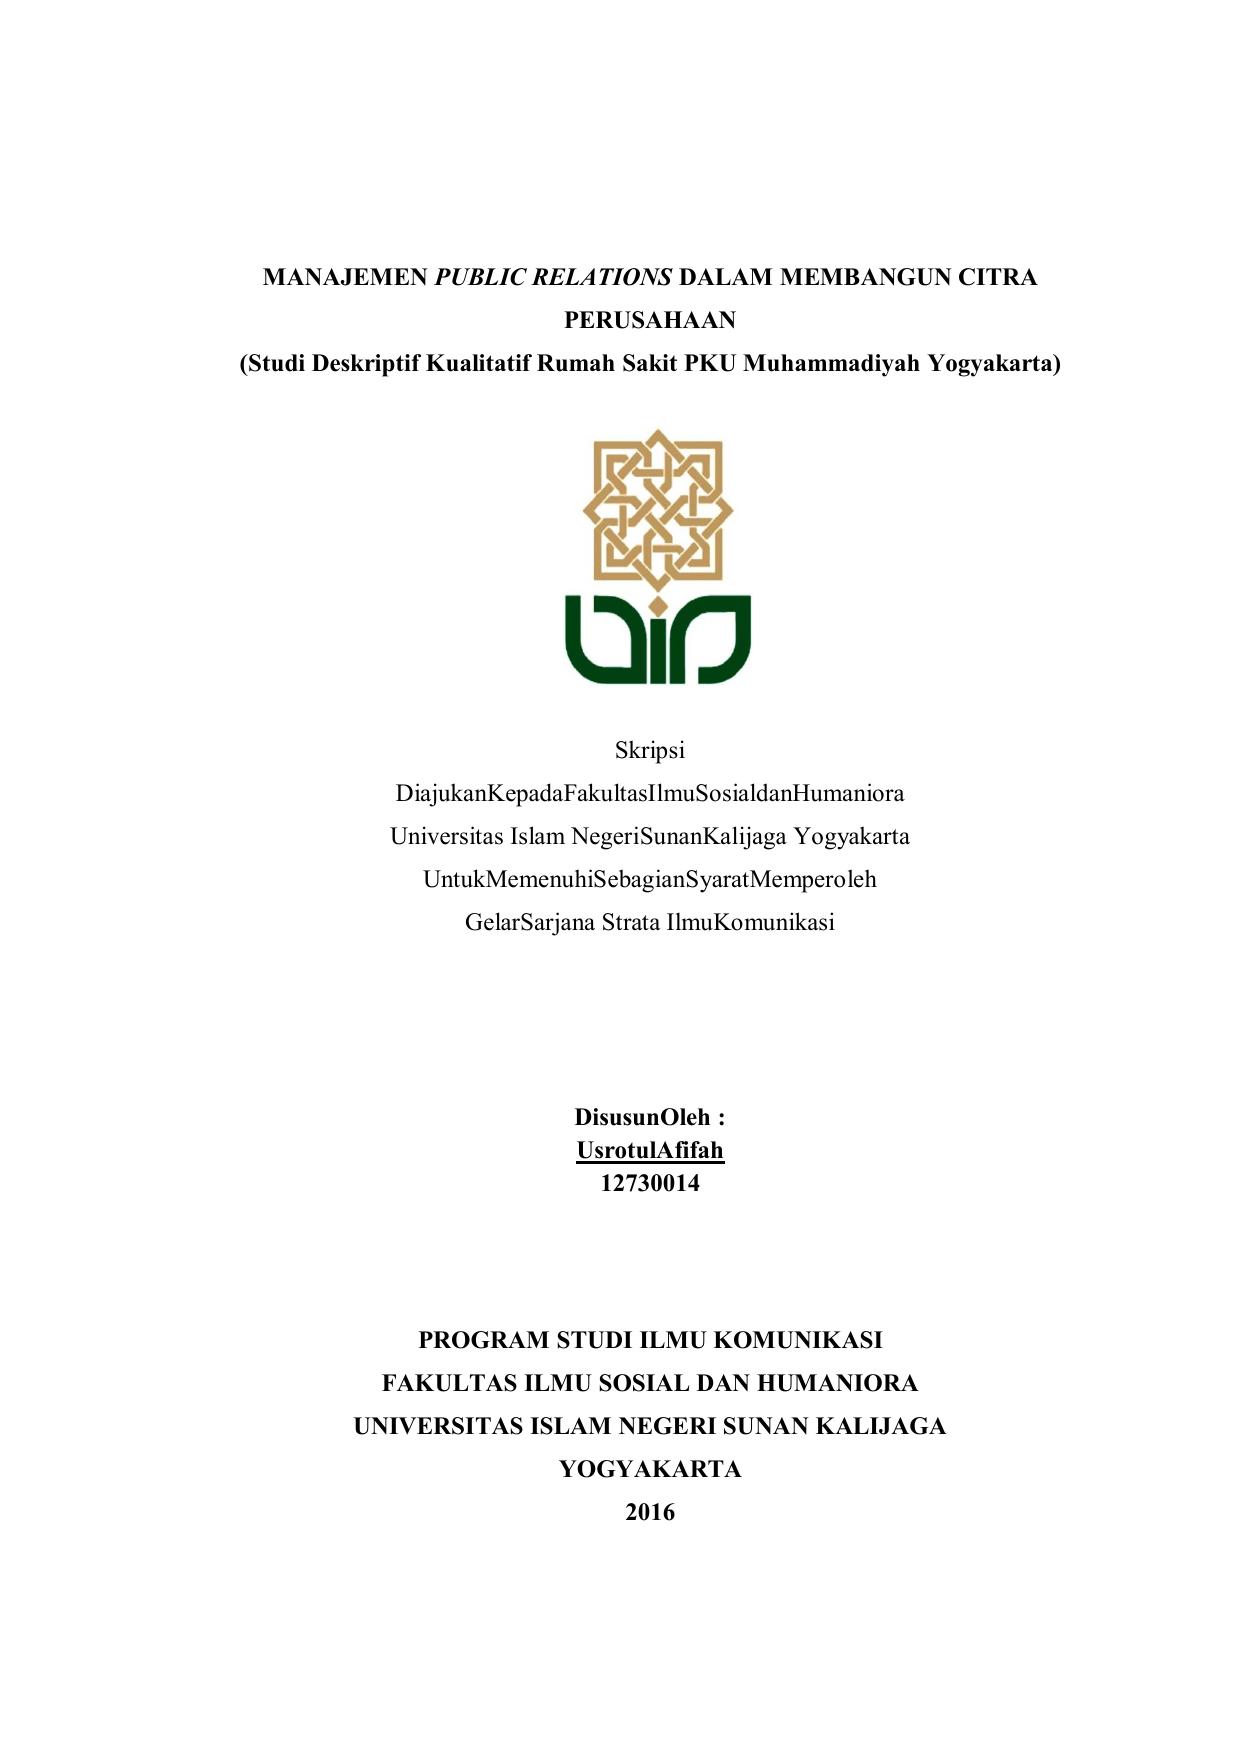 Manajemen Public Relations Dalam Membangun Citra